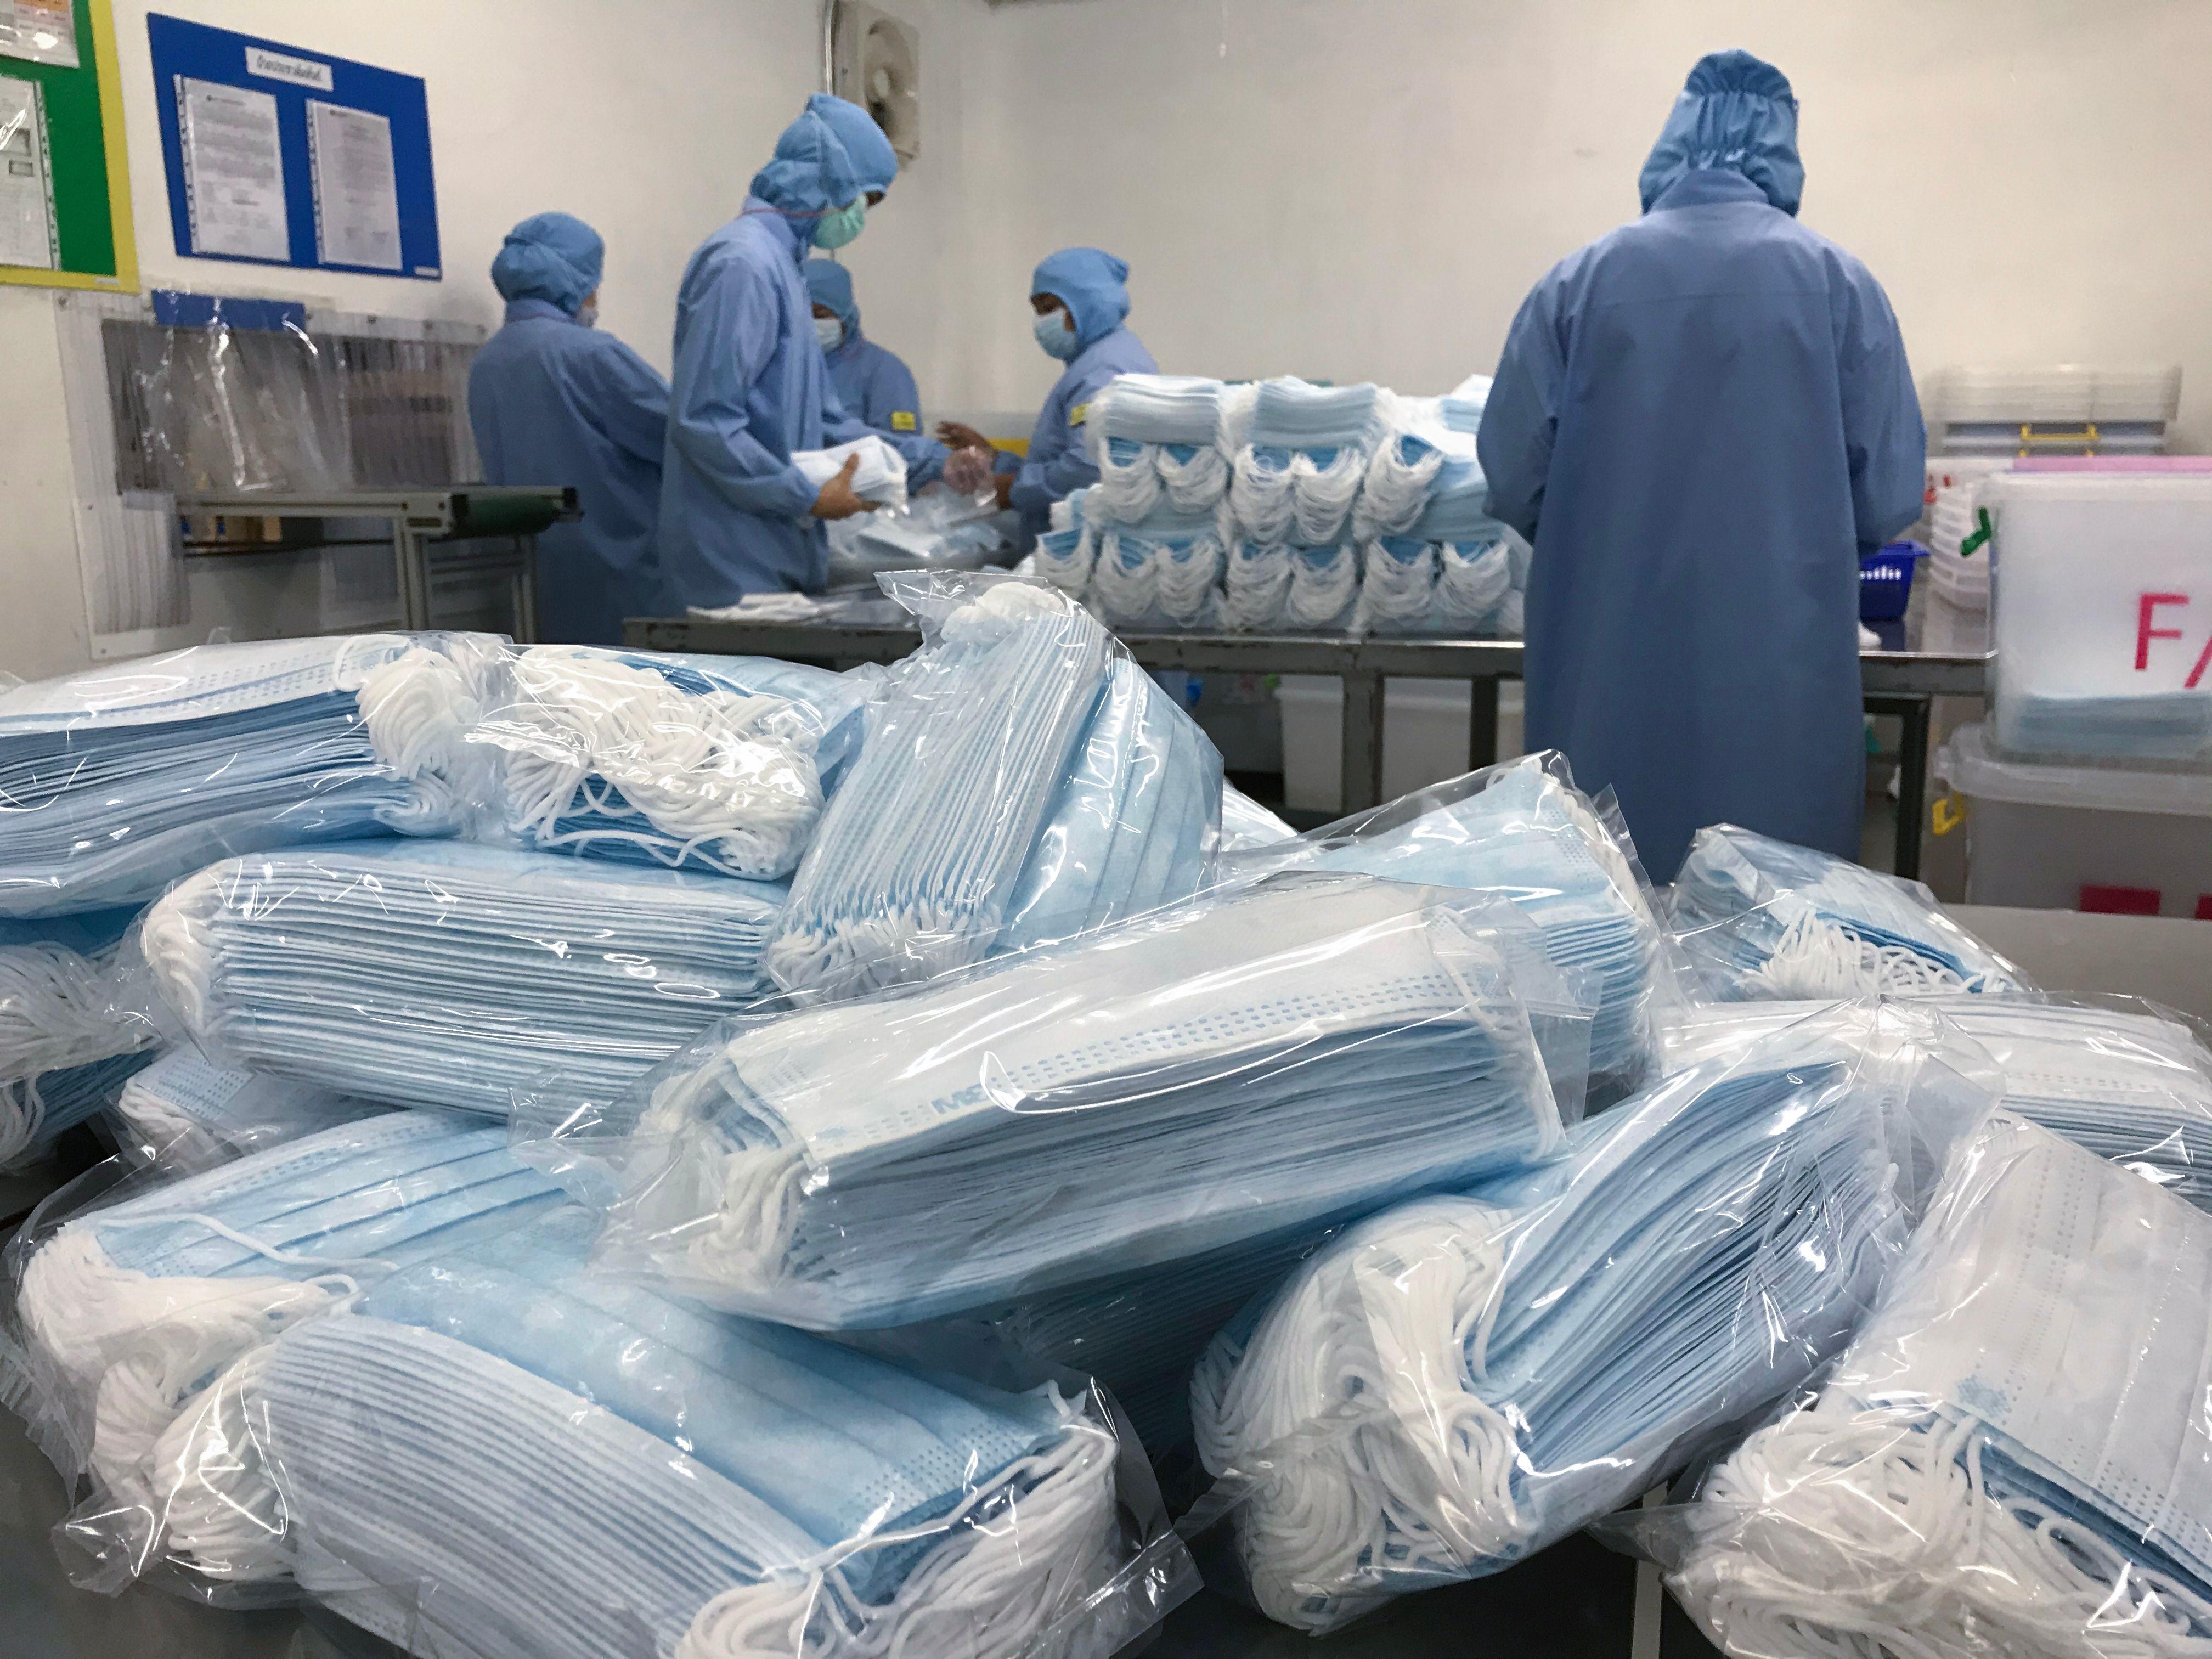 China needs more medical supplies.